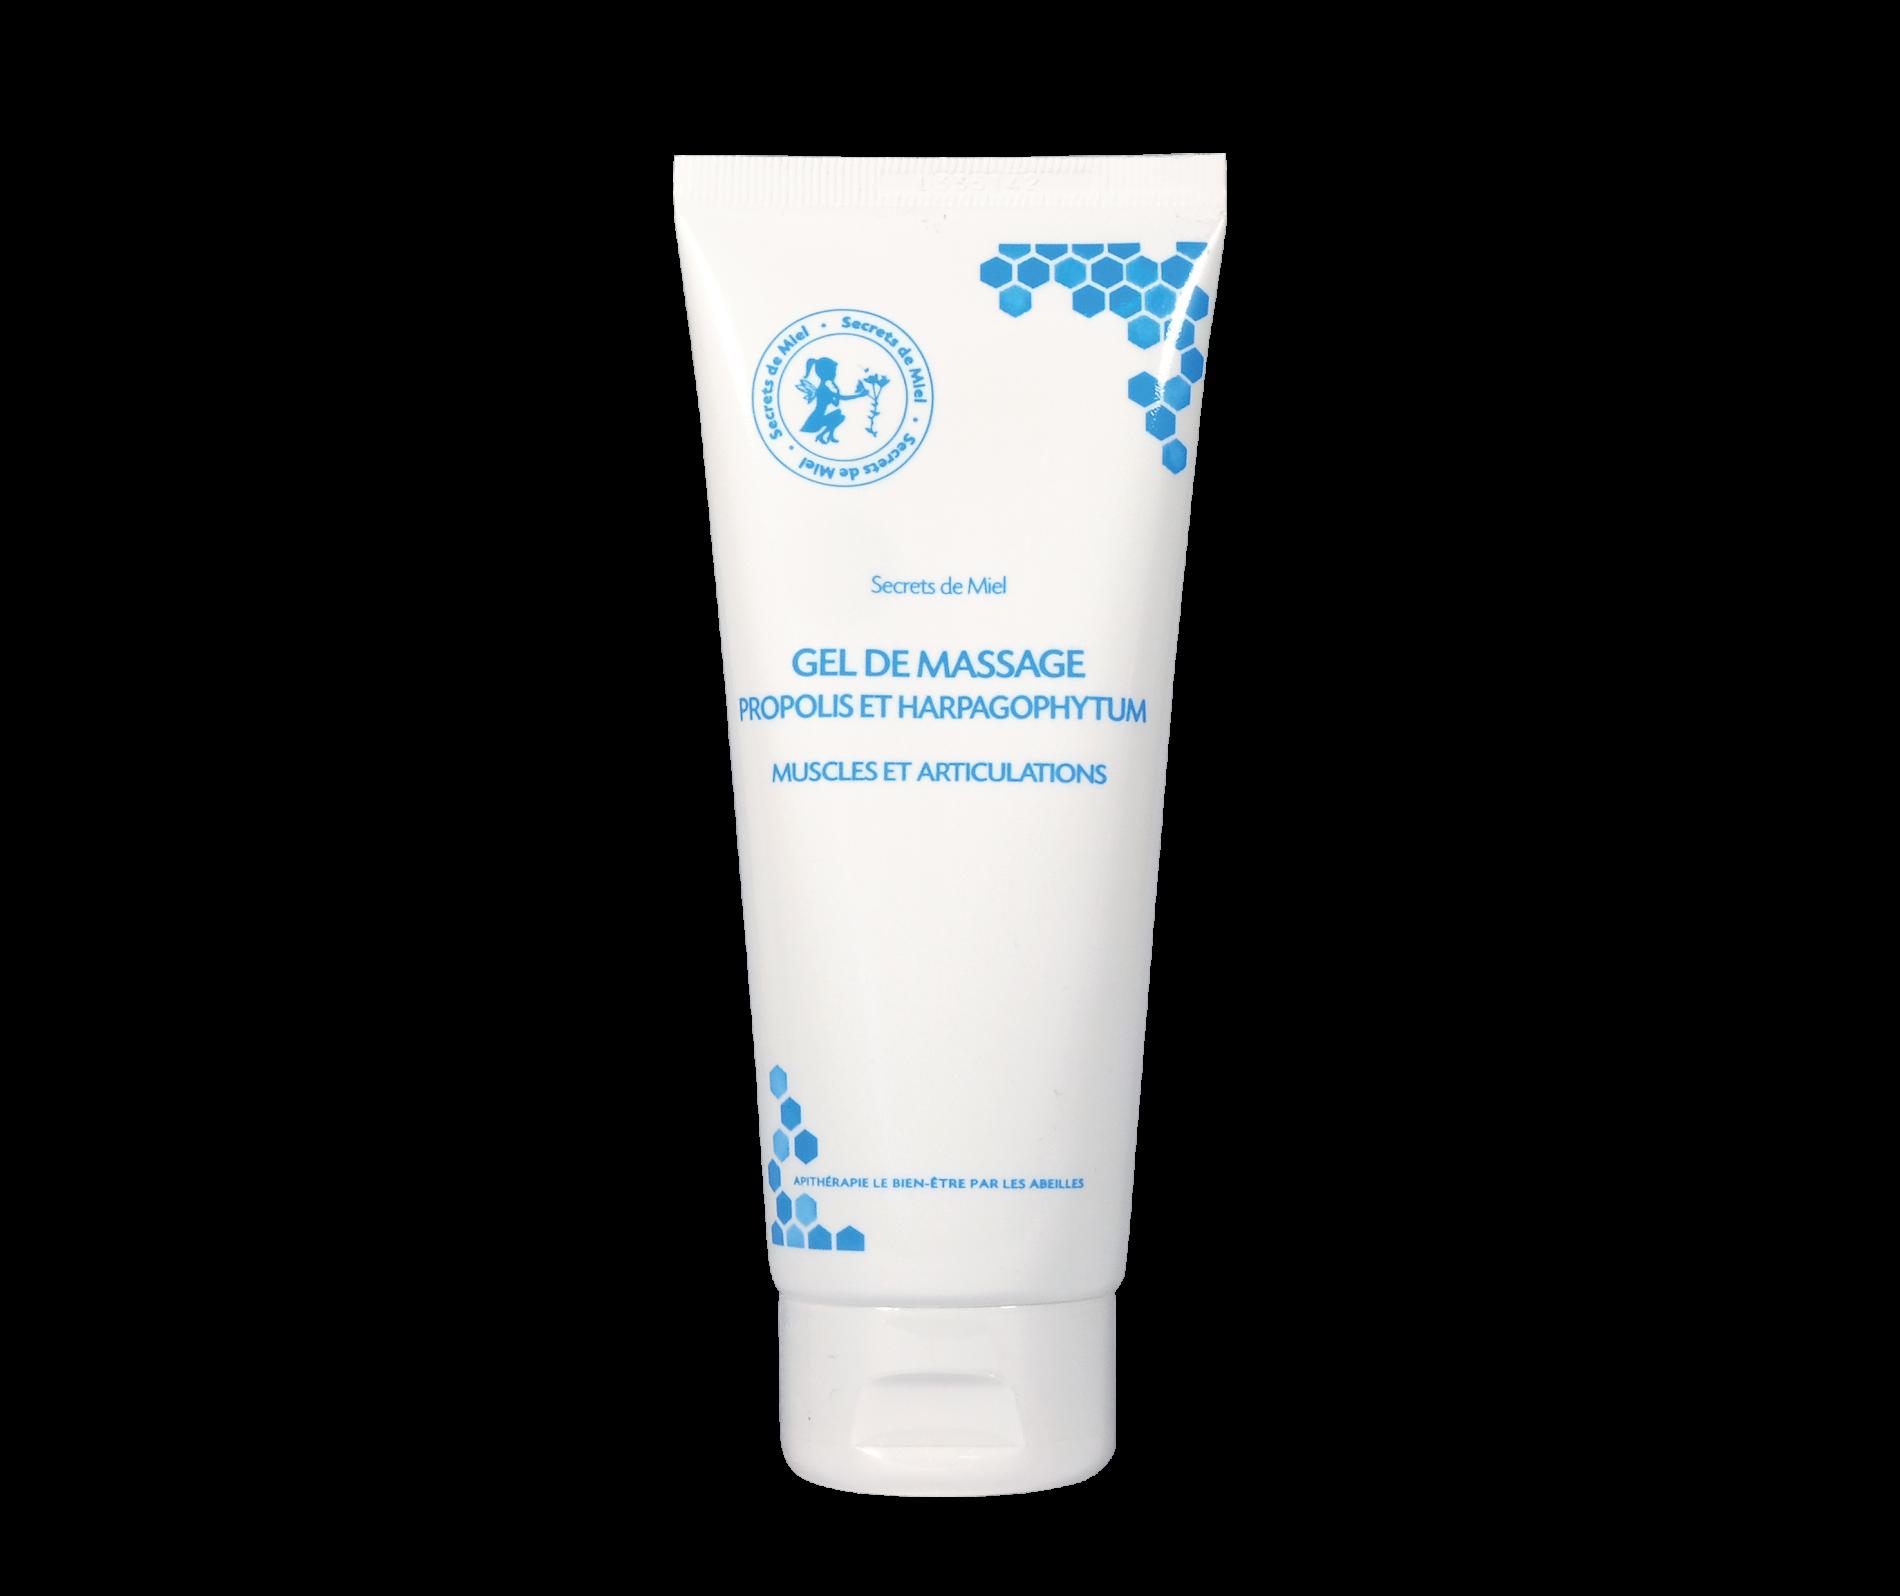 Gel de Massage - Propolis - Frais - huiles essentielles - Plantes - Produit naturel - Apaisant et calmant - Secrets de Miel